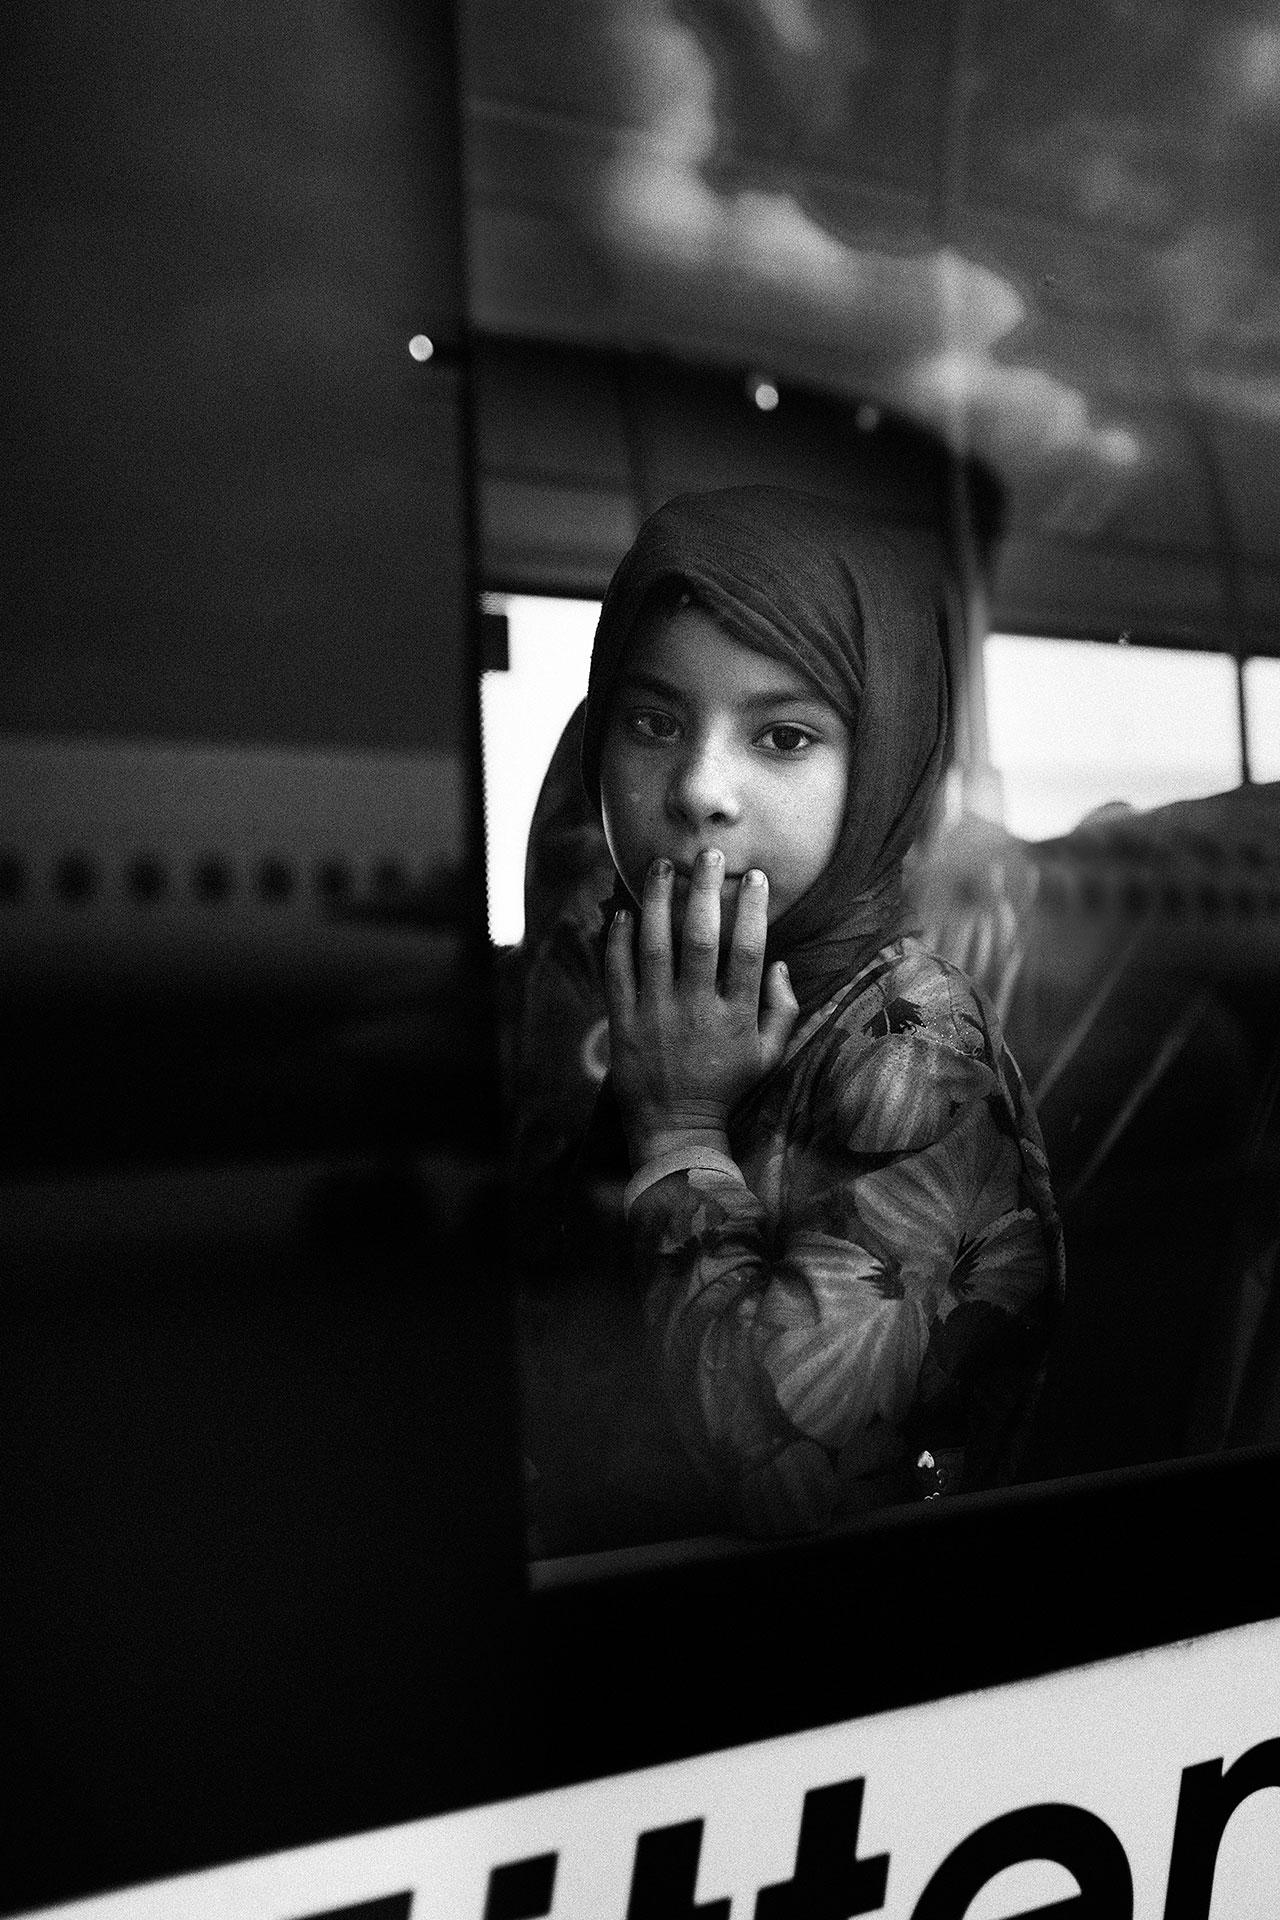 Muchos de los niños y niñas gravemente heridos son transportados en ambulancia directamente del aeropuerto a los hospitales. Otros son llevados en autobús hasta Peace Village en Oberhausen, donde permanecen hasta que son dados de alta.